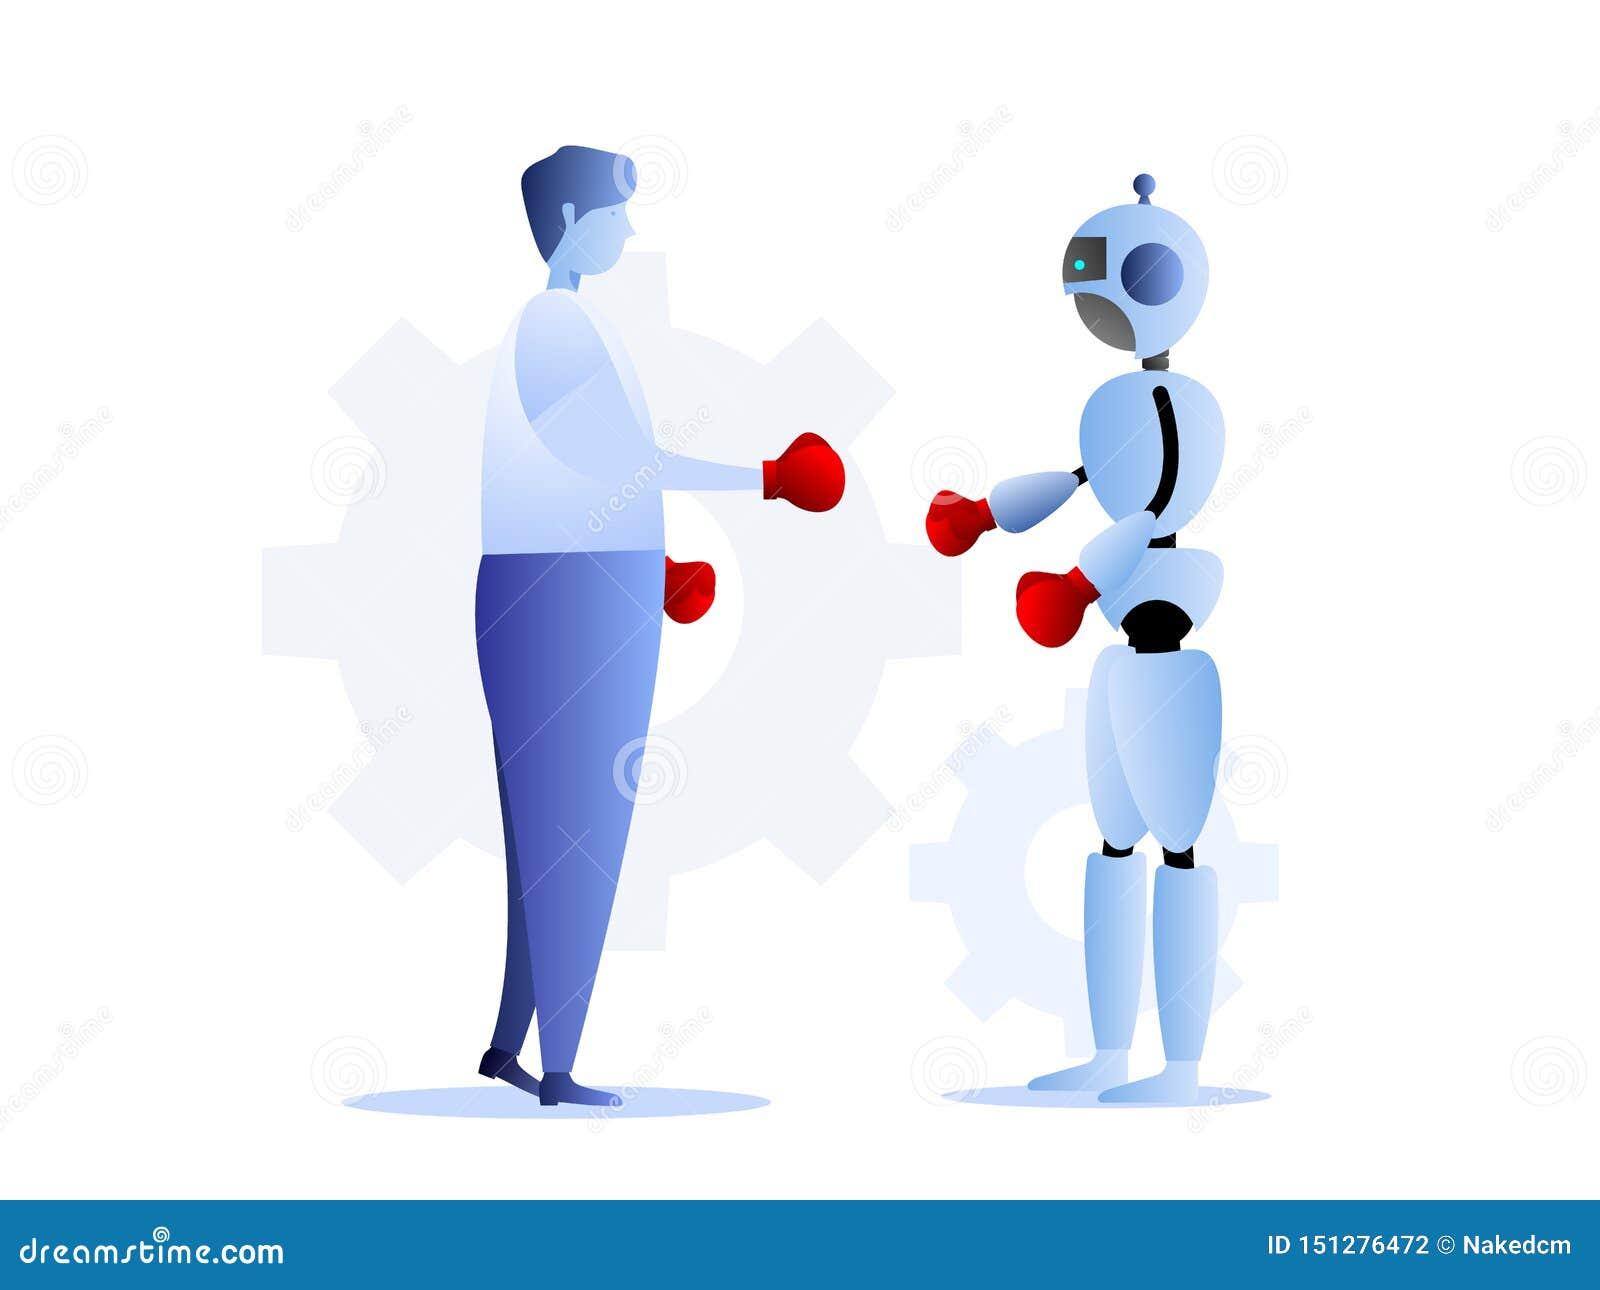 Human vs robots business challenge concept